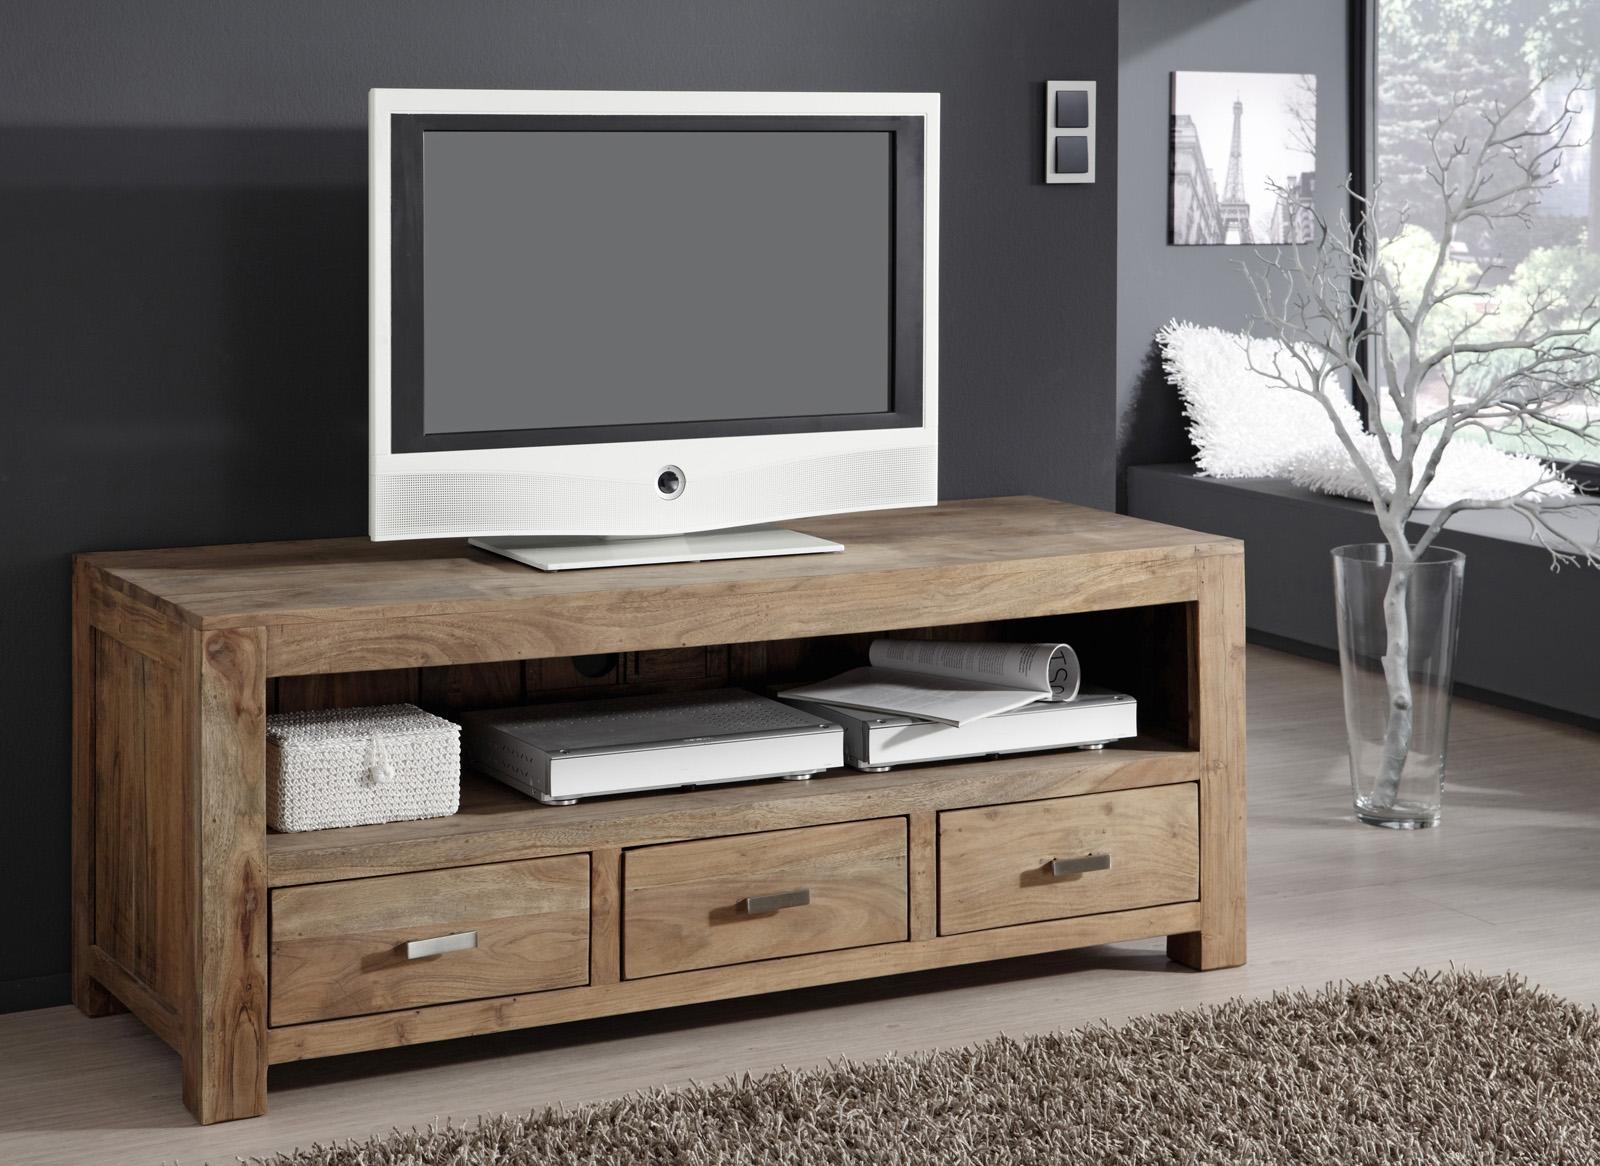 sale lowboard tv board 150 x 60 cm massiv akazie stone saber 6618. Black Bedroom Furniture Sets. Home Design Ideas